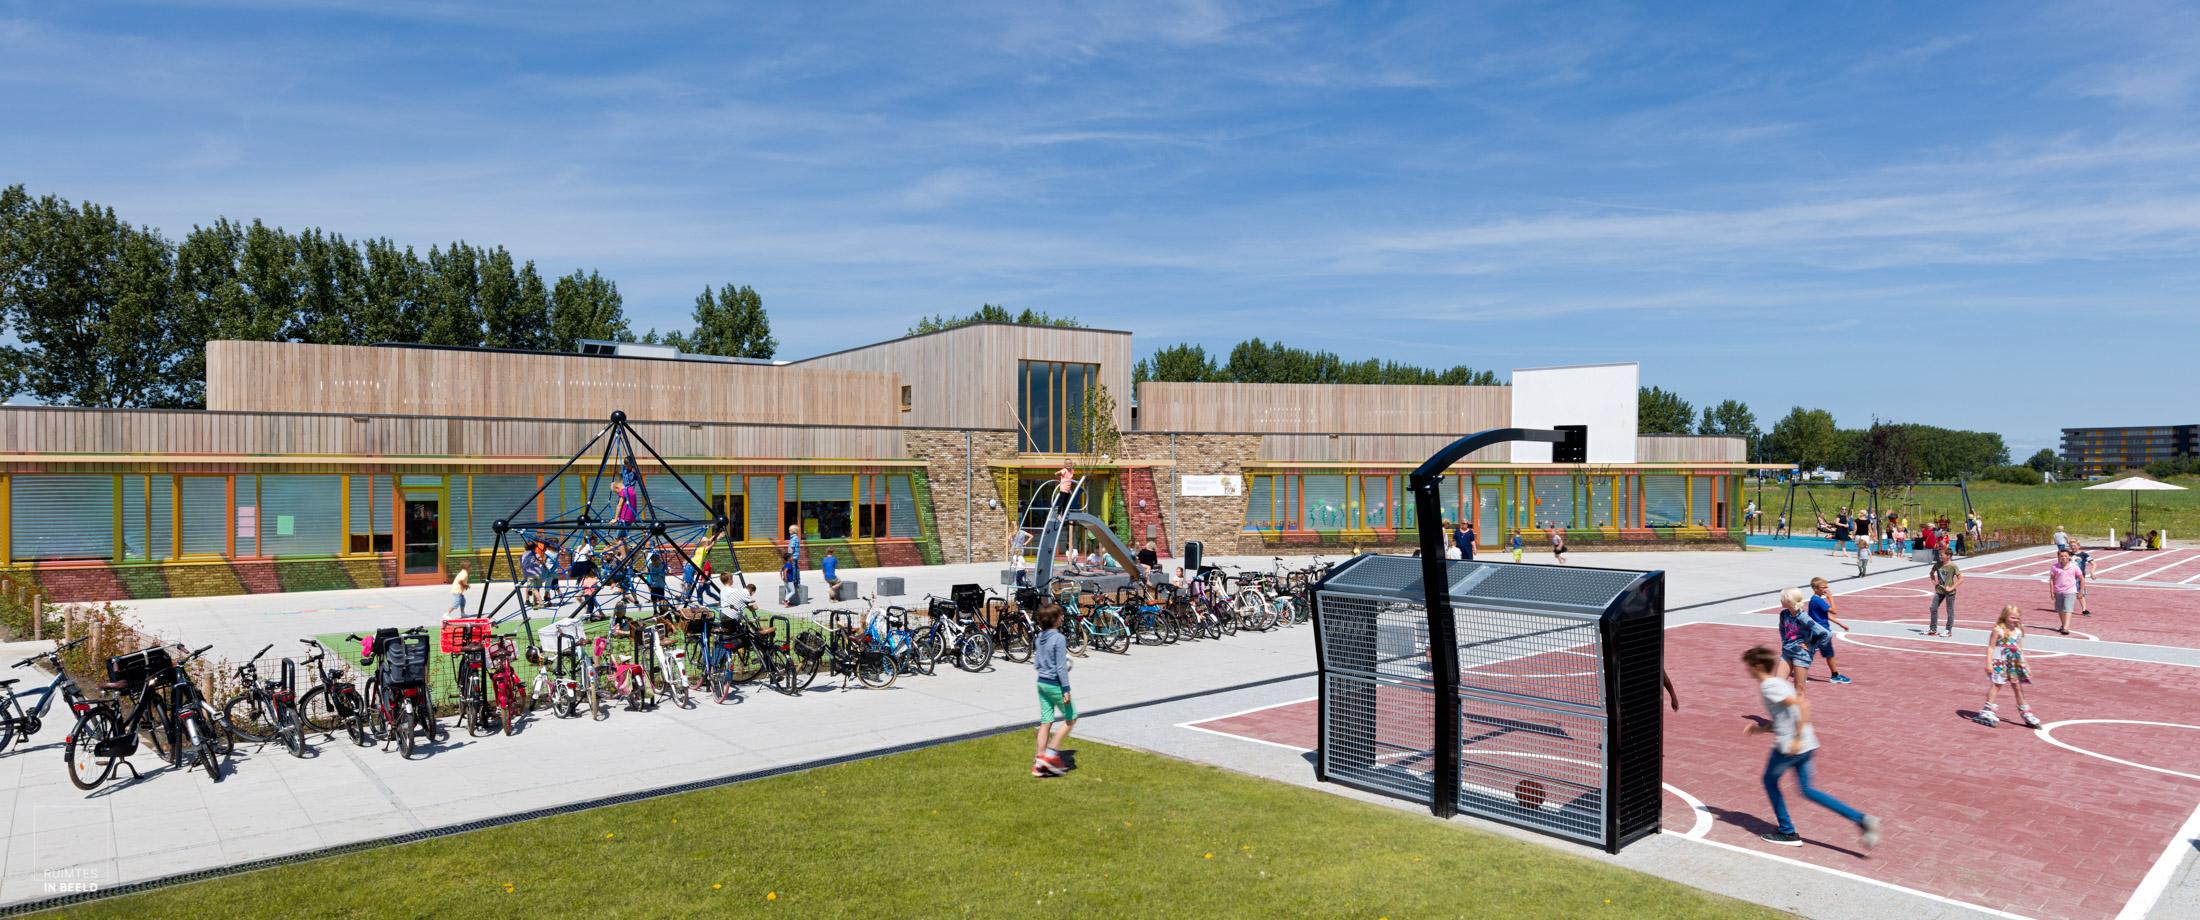 Architectuurfotografie van een school die de levendigheid weergeeft door gebruik van kleur, licht en kinderen die aanwezig zijn.